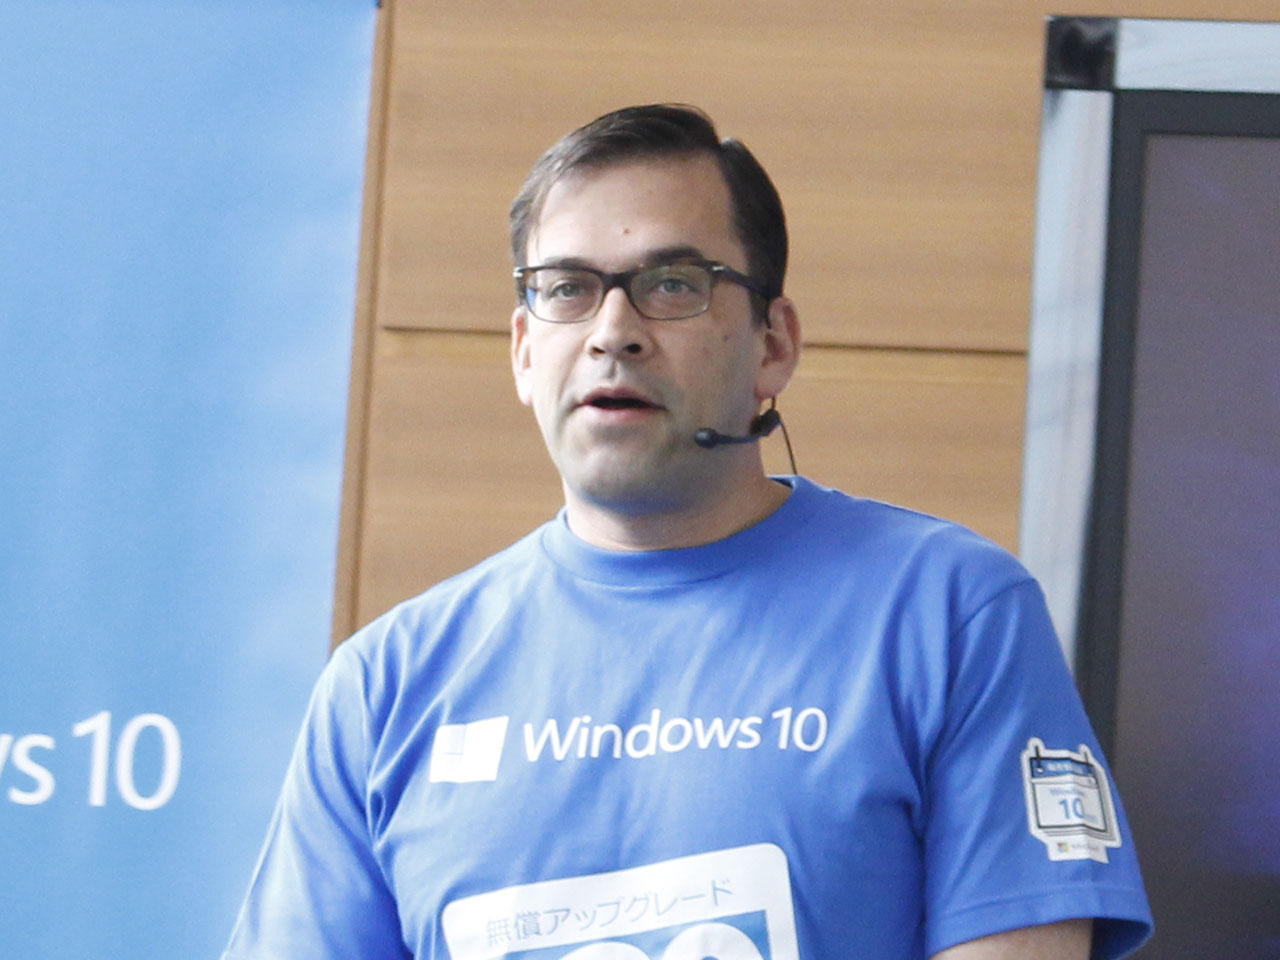 日本マイクロソフト株式会社代表執行役社長の平野拓也氏